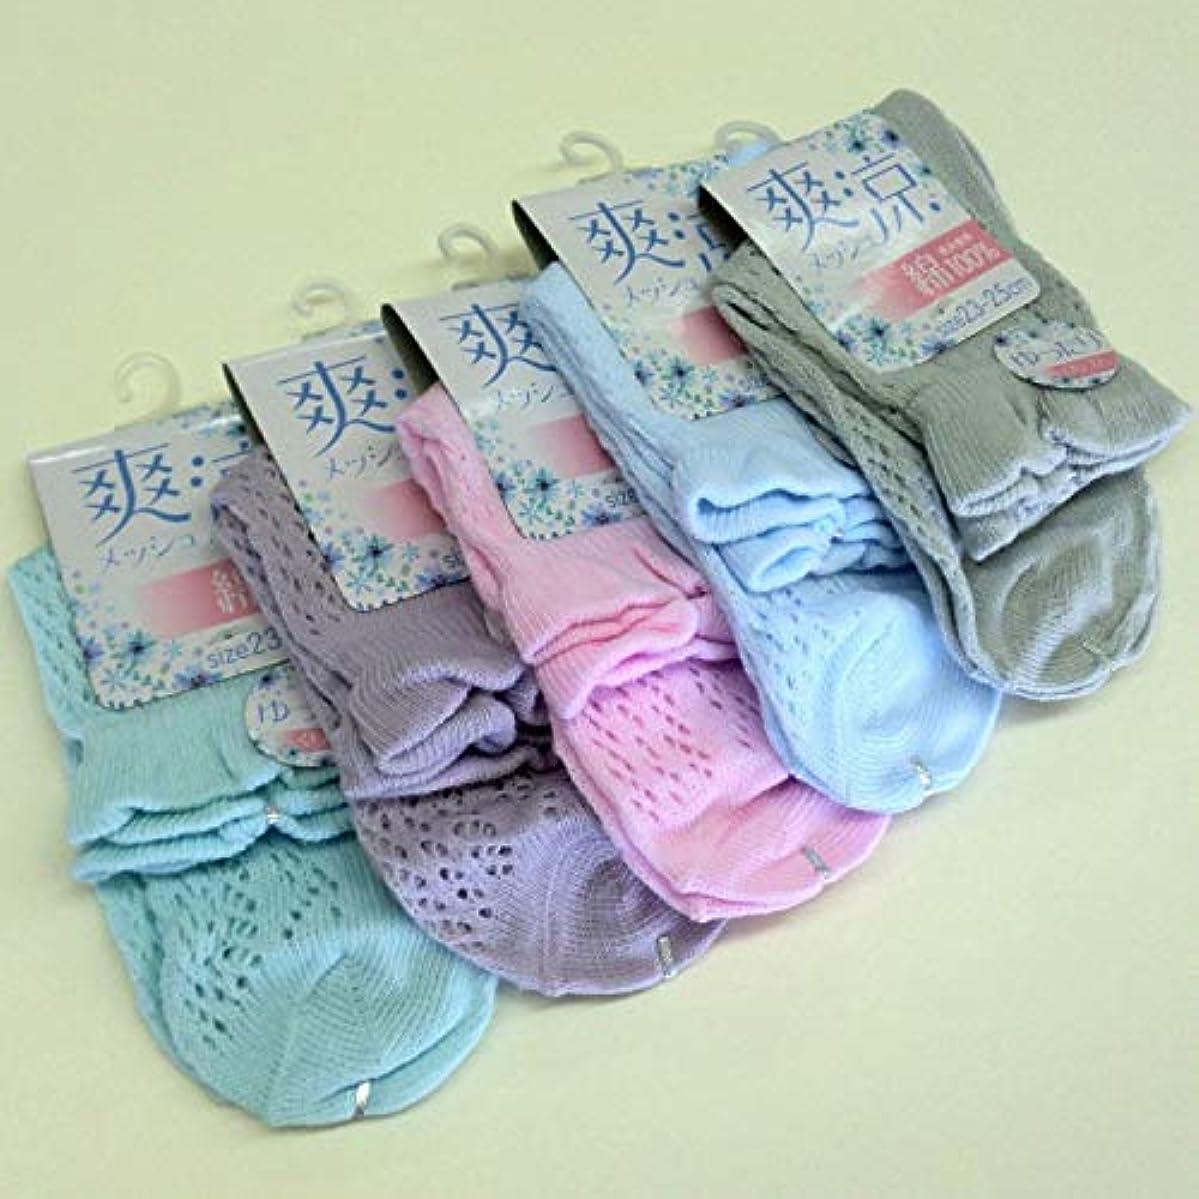 集計キノコ通訳靴下 レディース 夏 表糸綿100% 涼しいルミーソックス セット 5色5足組